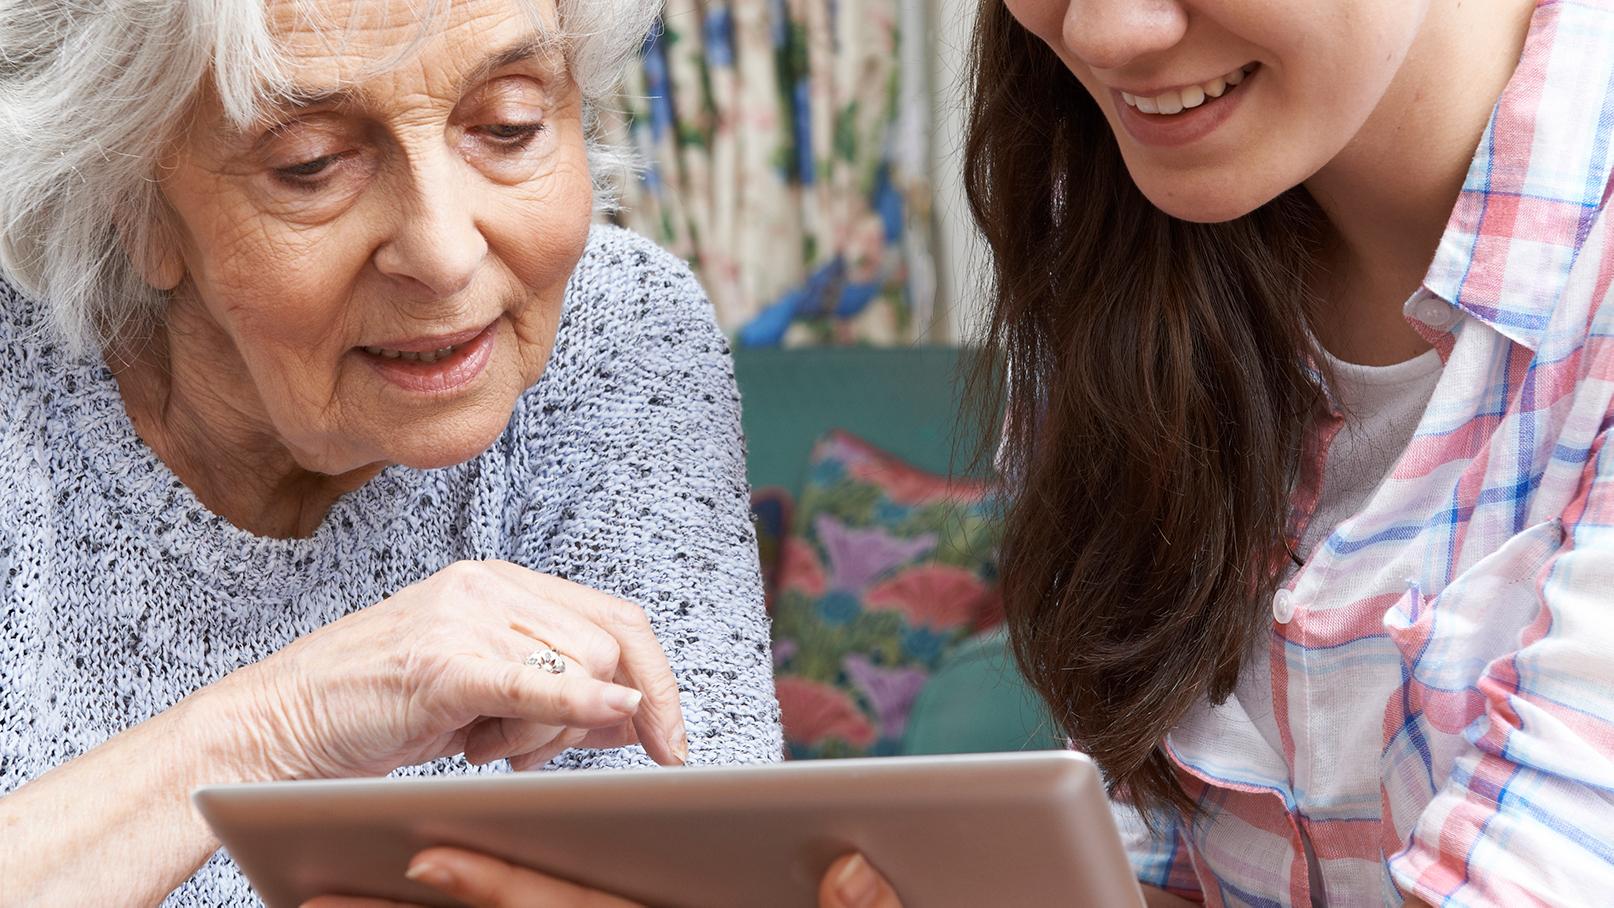 La tecnologia migliora davvero la vita